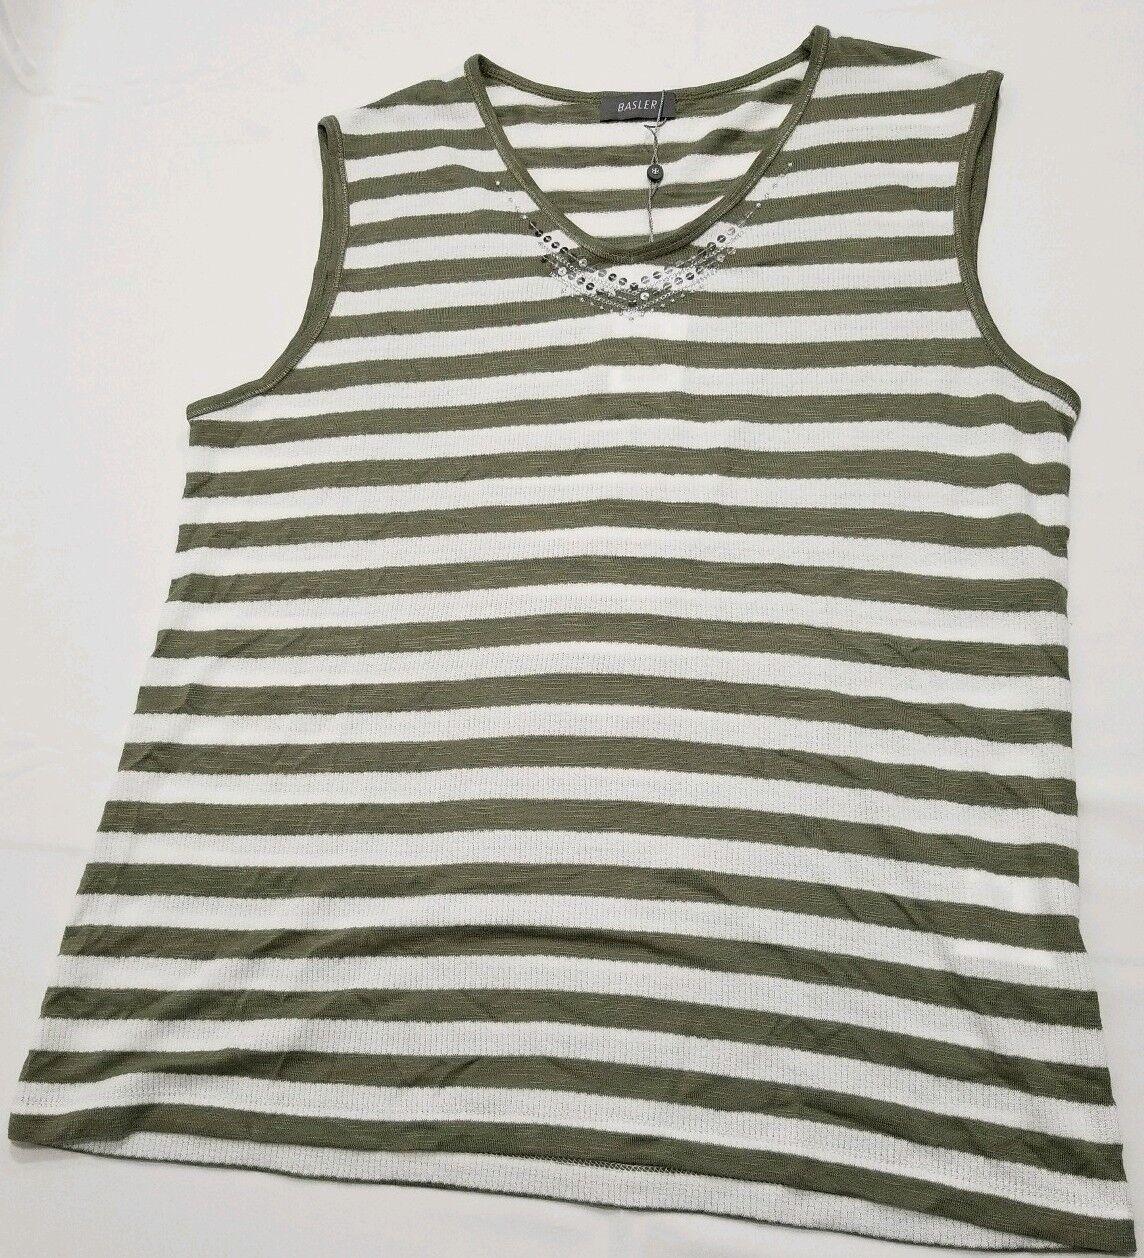 Basler women Striped Sleeveless Top Khaki and White plus size 12